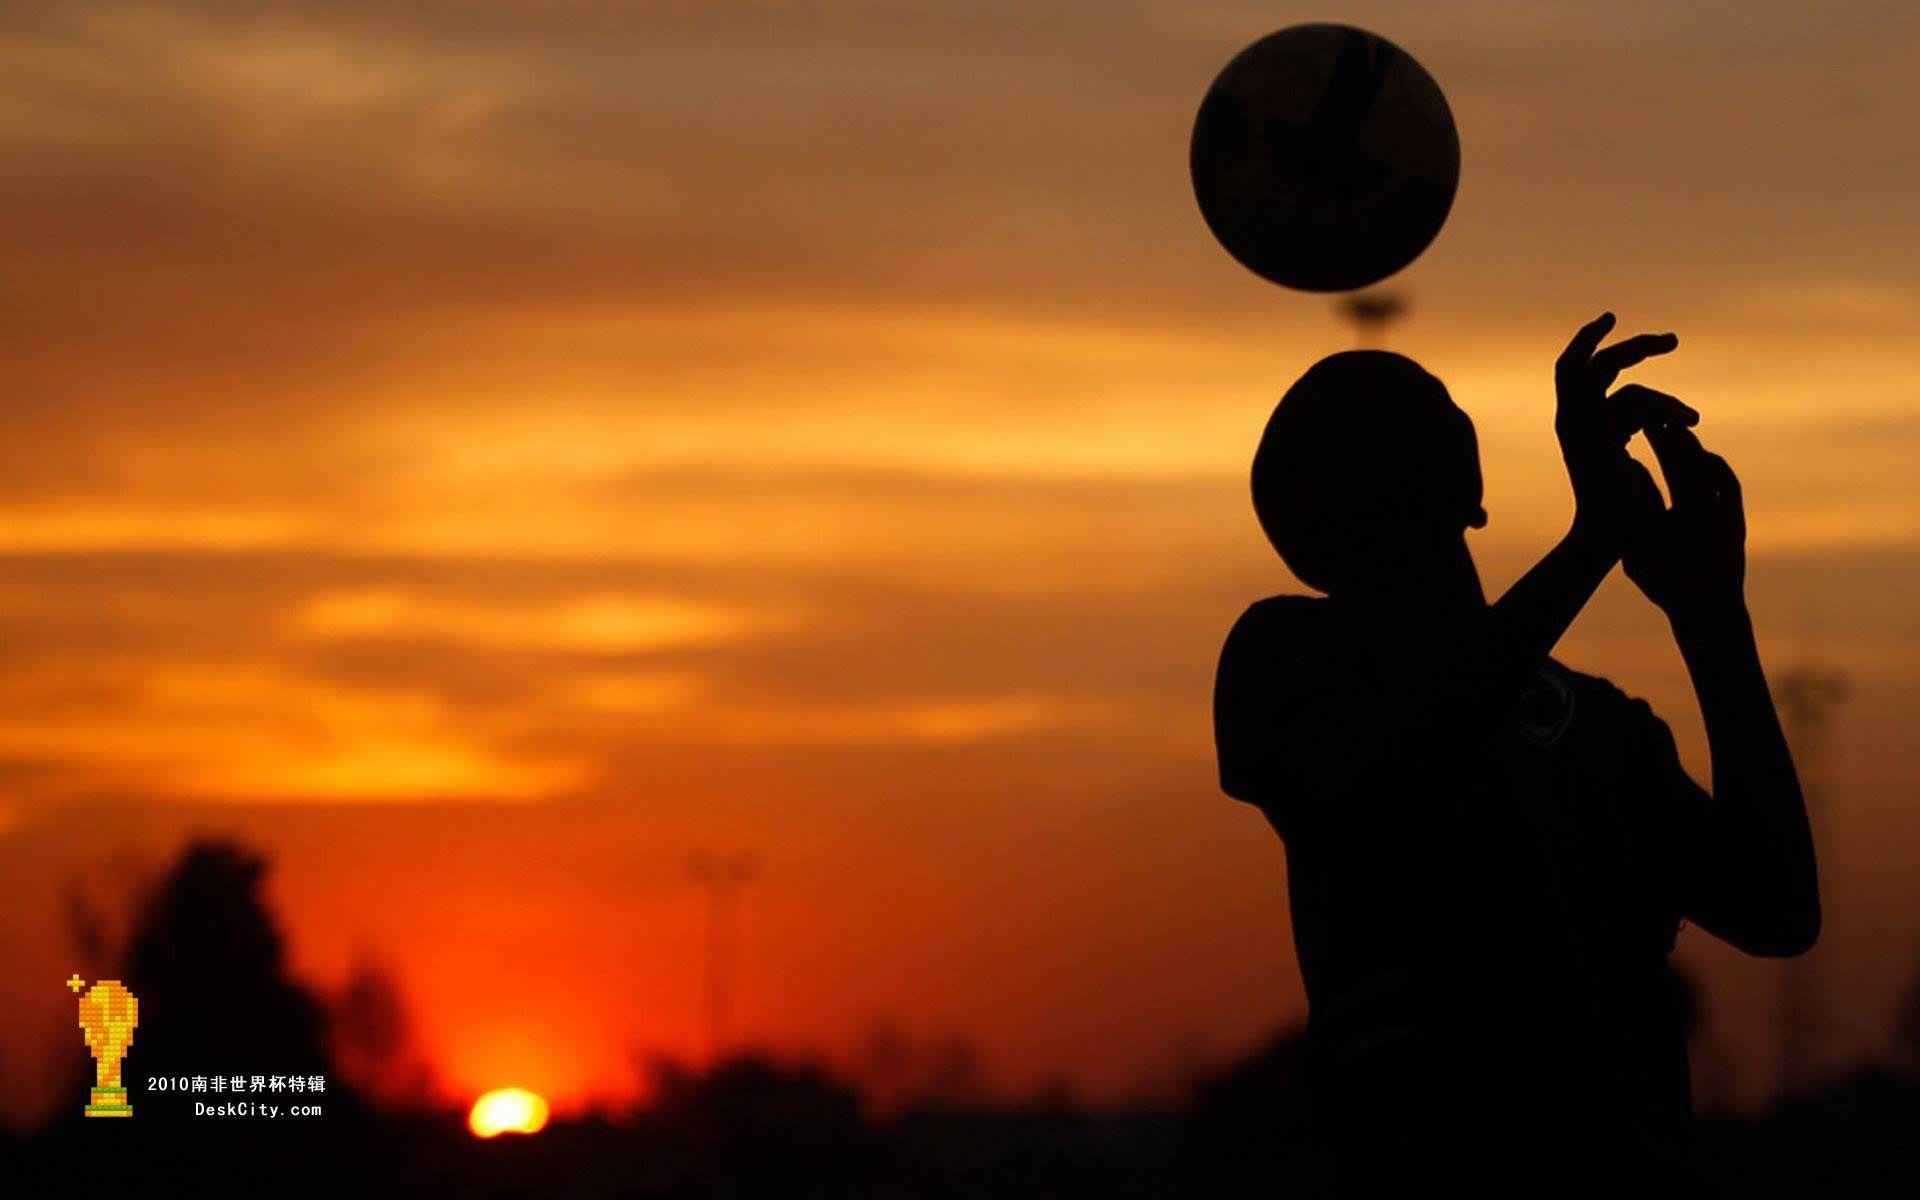 a soccer ball.